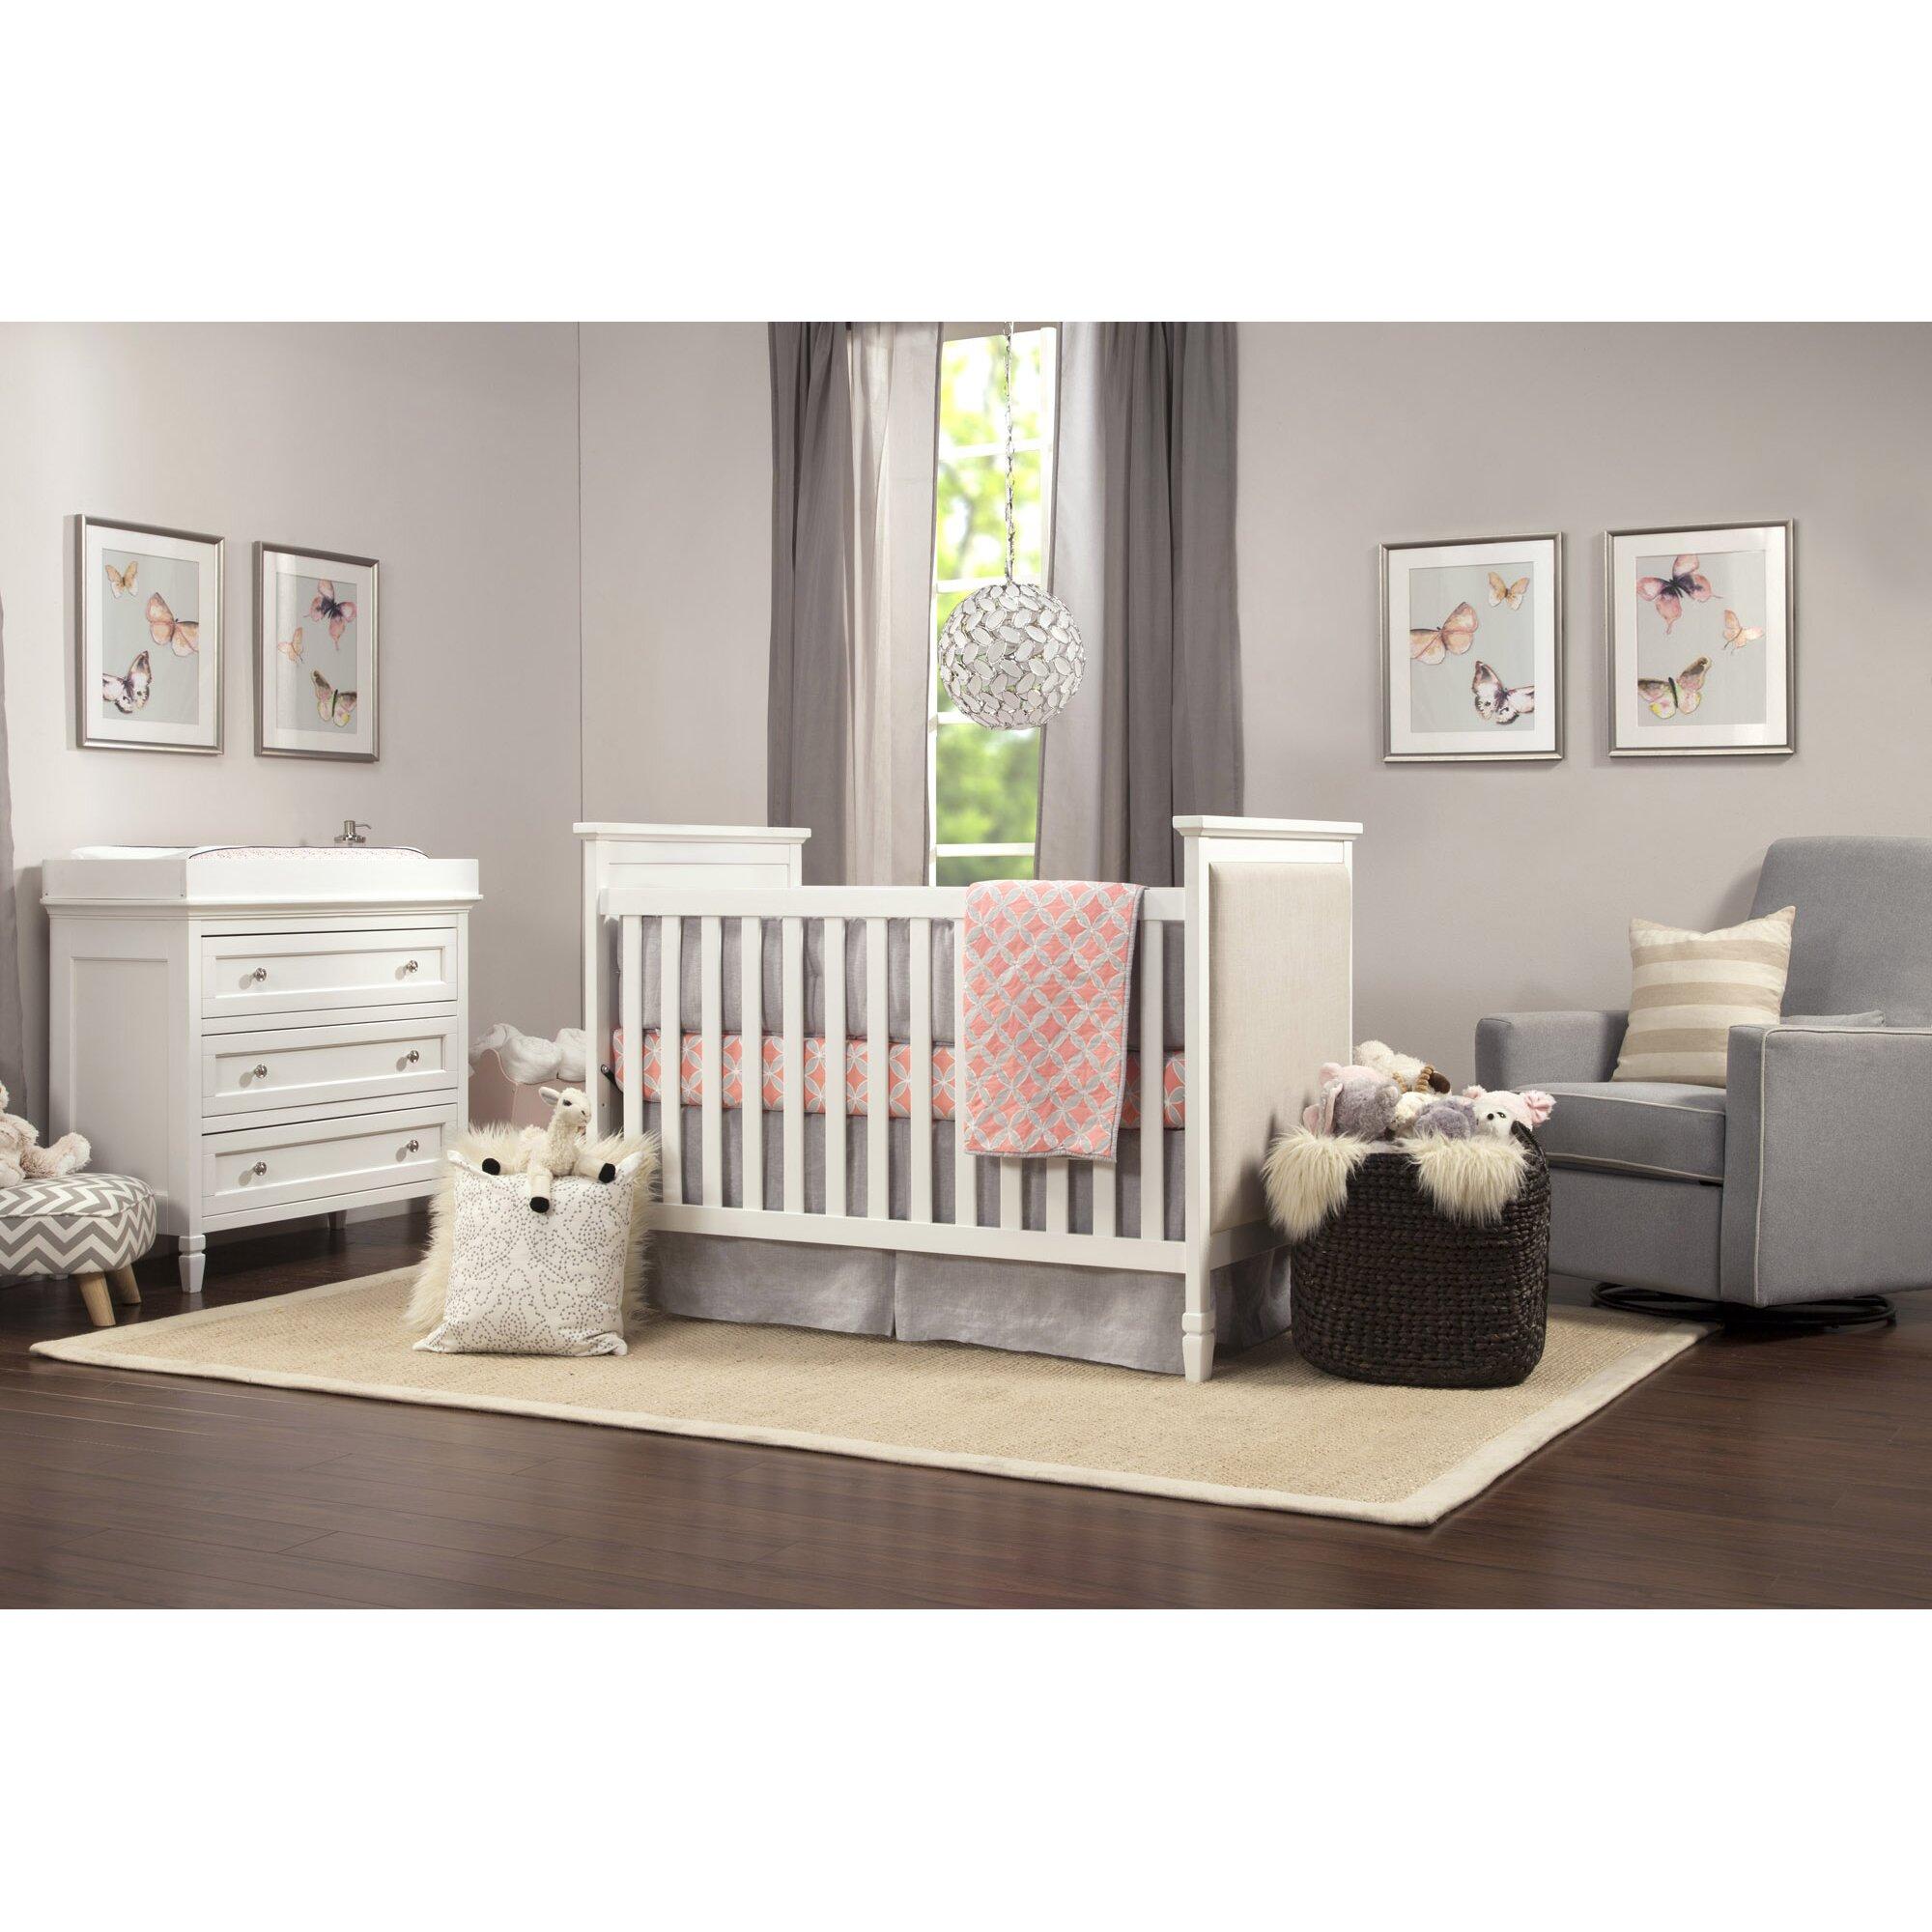 Jardine crib for sale - Davinci Lila 3in1 Convertible Crib